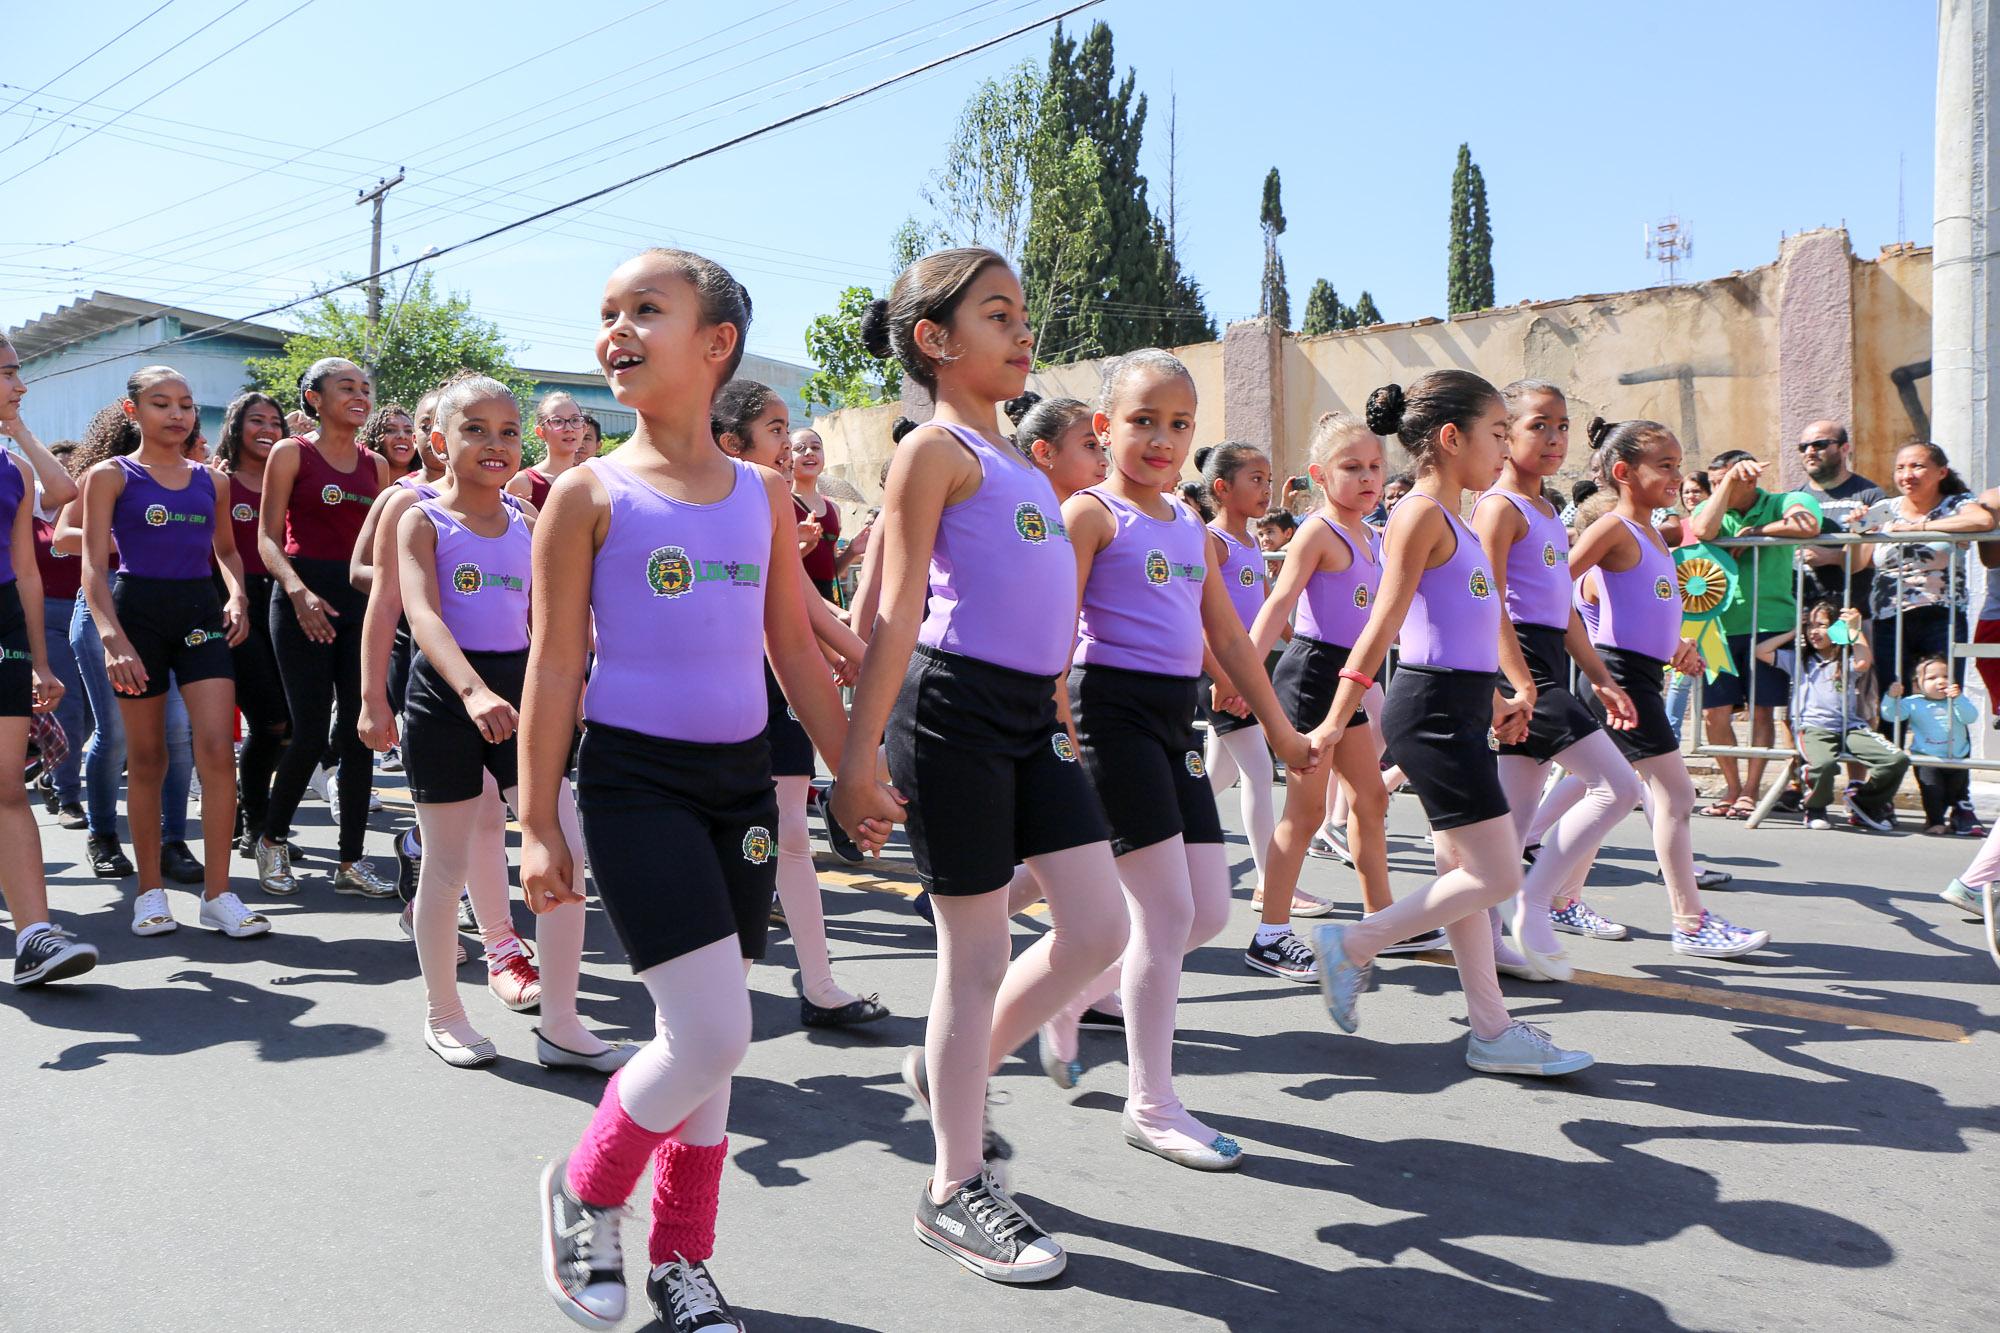 noticia Desfile de 7 de setembro movimentou Louveira.